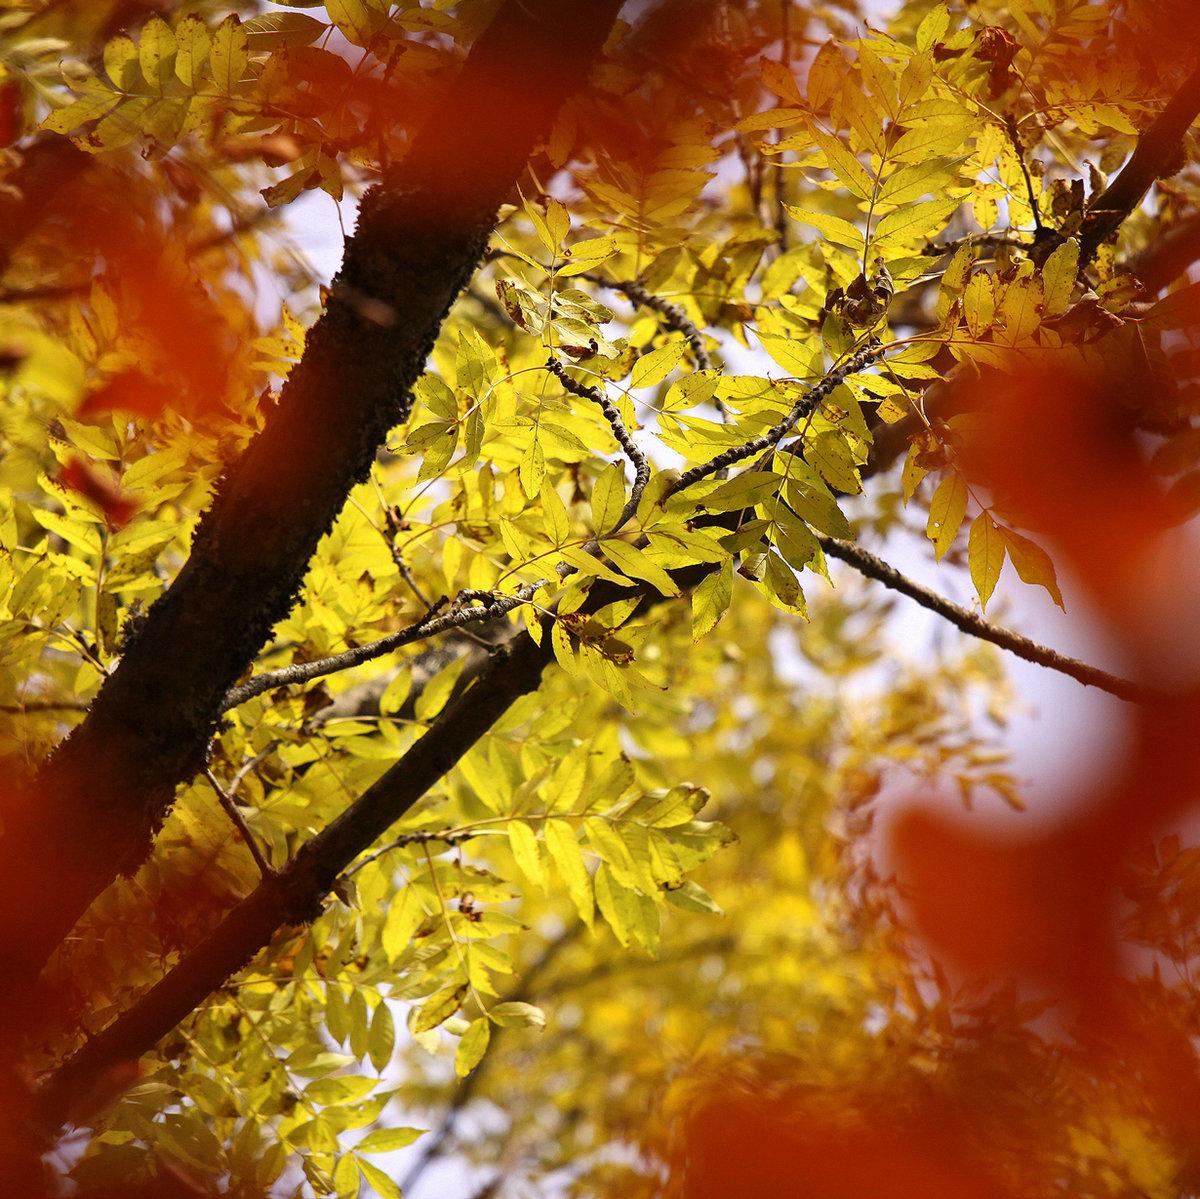 Осень короткие и красивые картинки